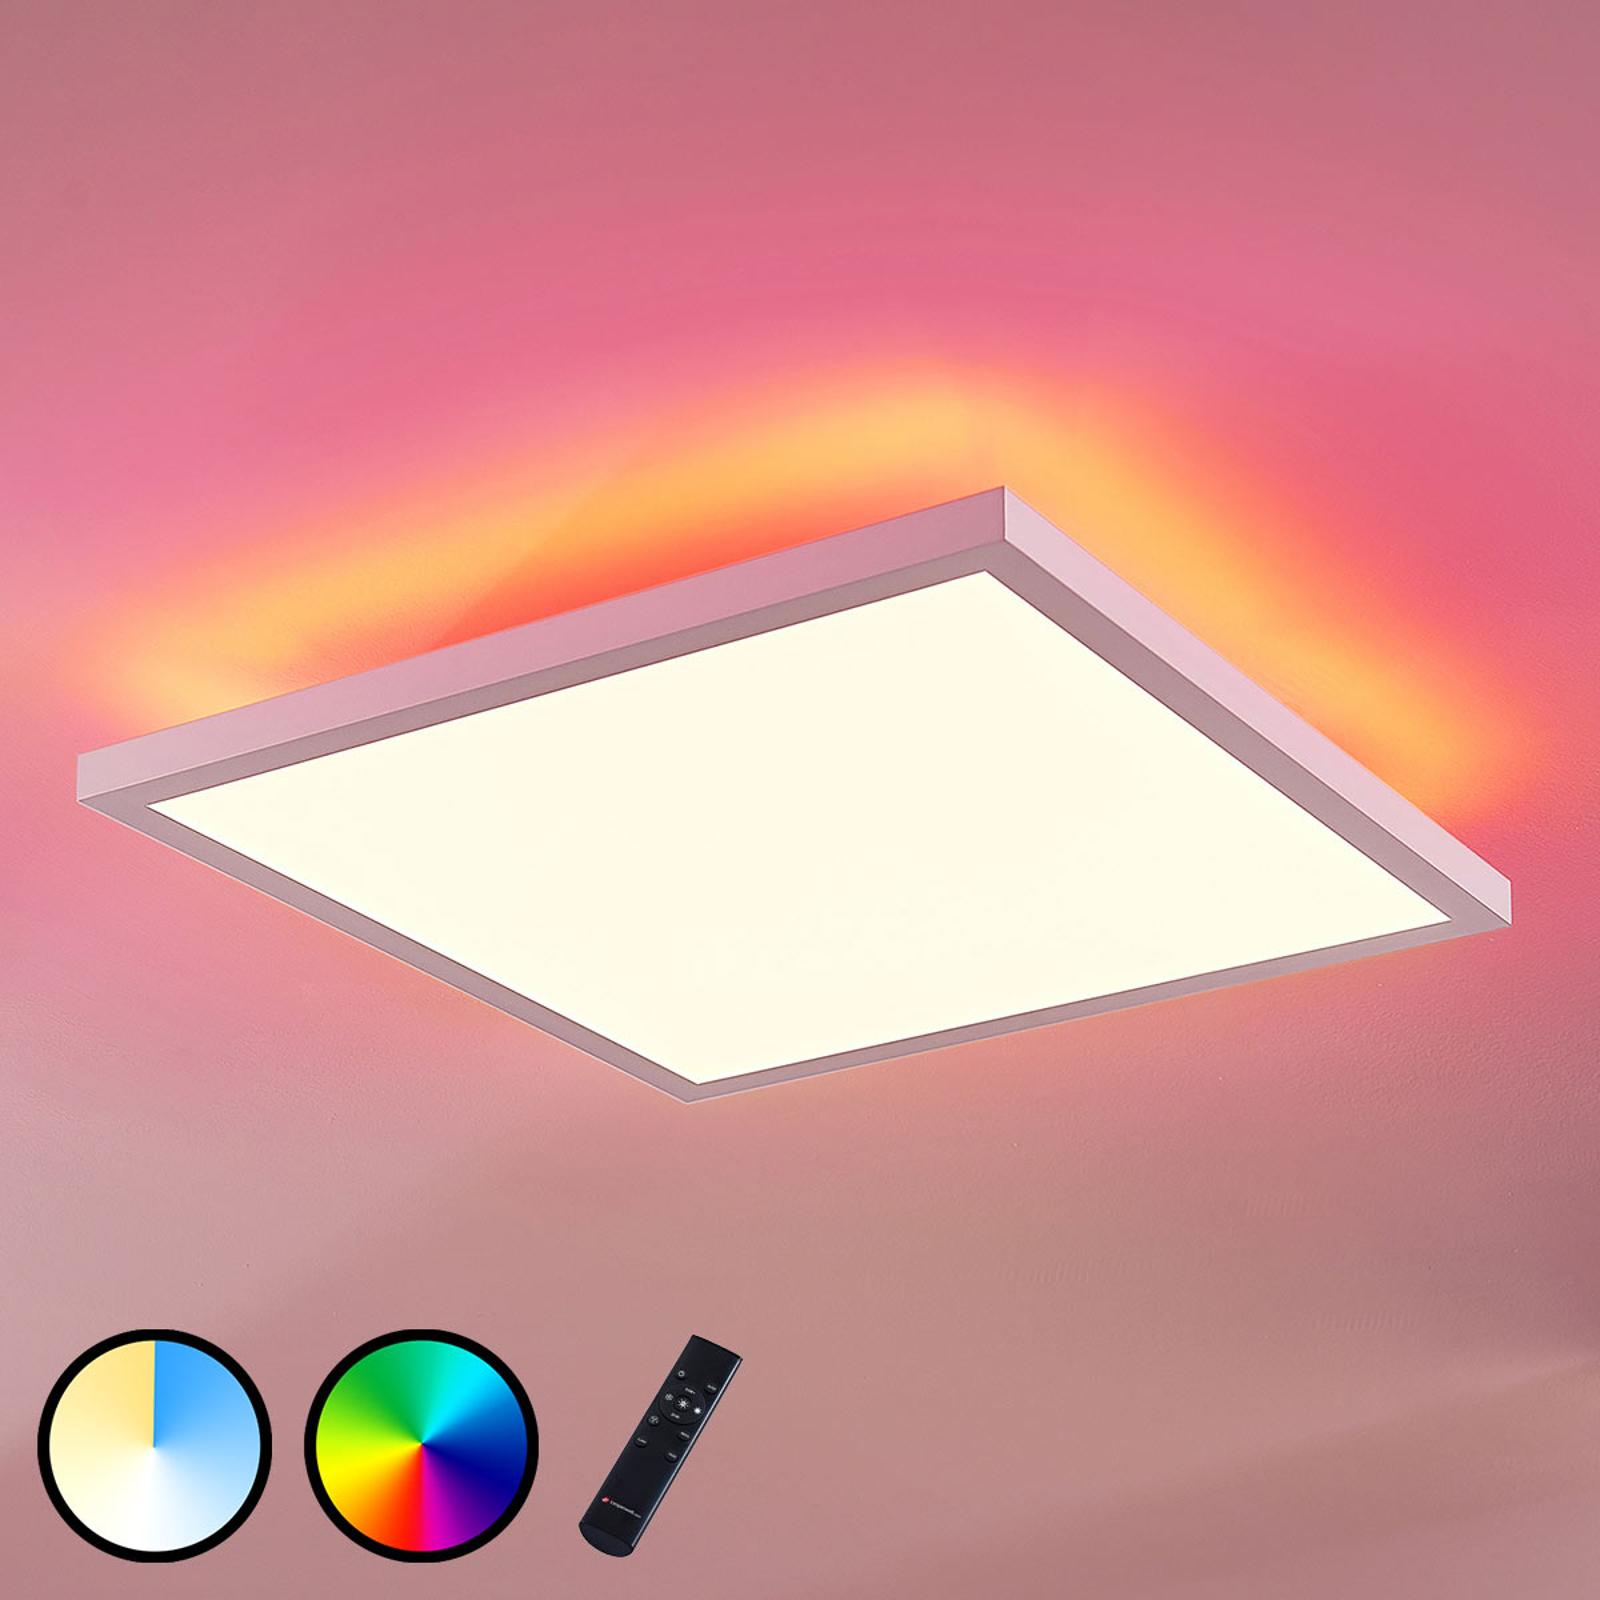 LED-Panel Brenda CCT med fjernkontroll 40 x 40cm